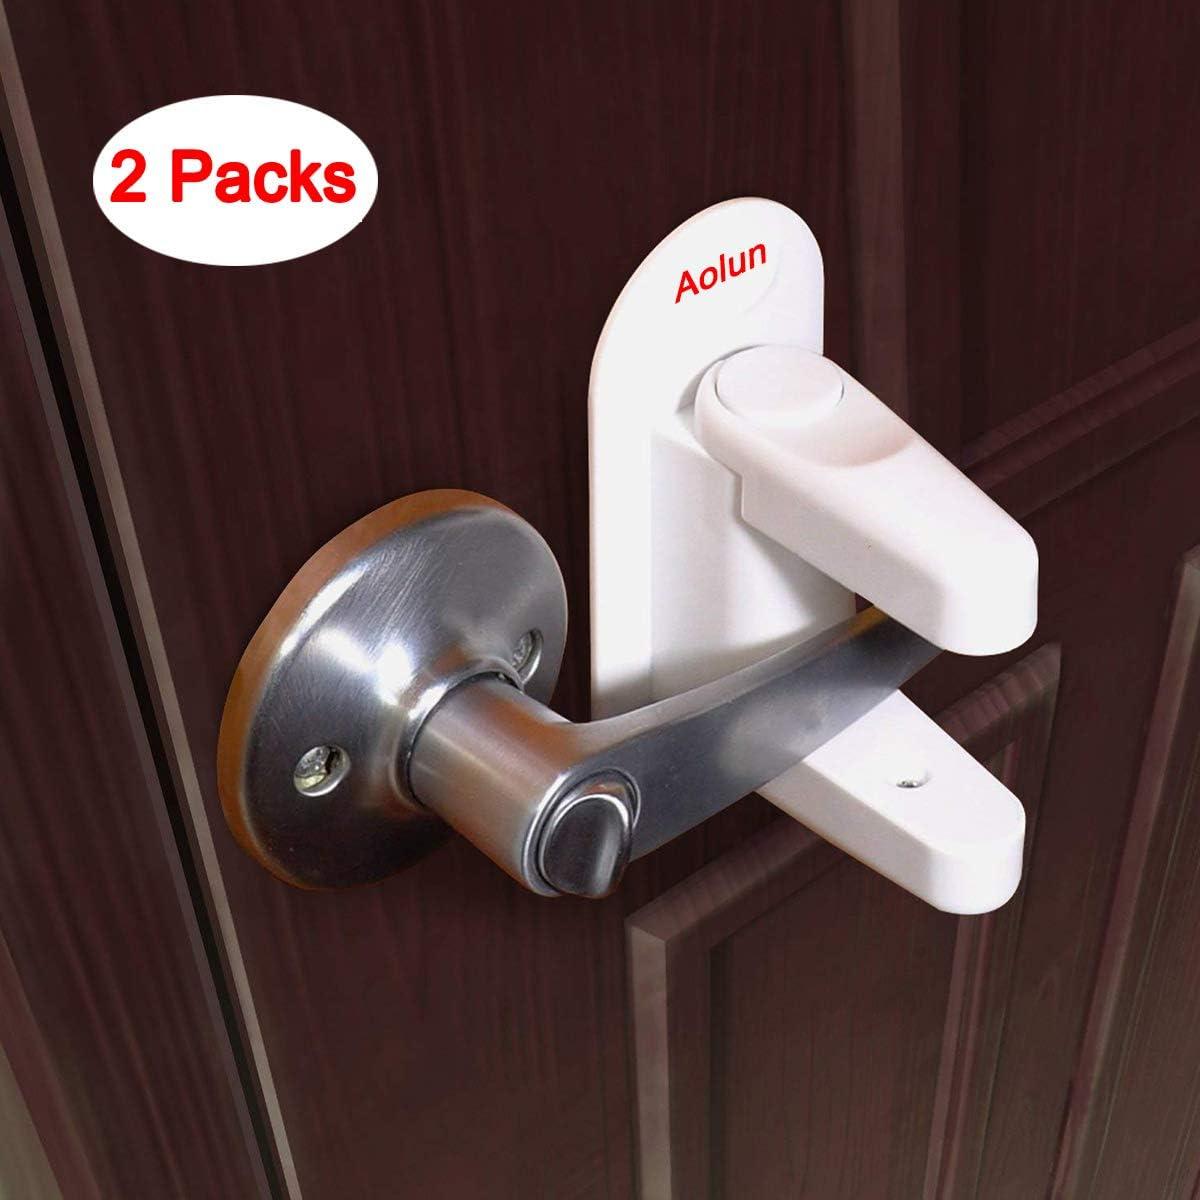 Candado para palanca de puerta (2 paquetes), manilla de bloqueo para niños, adhesivo 3M, mantiene al bebé fuera